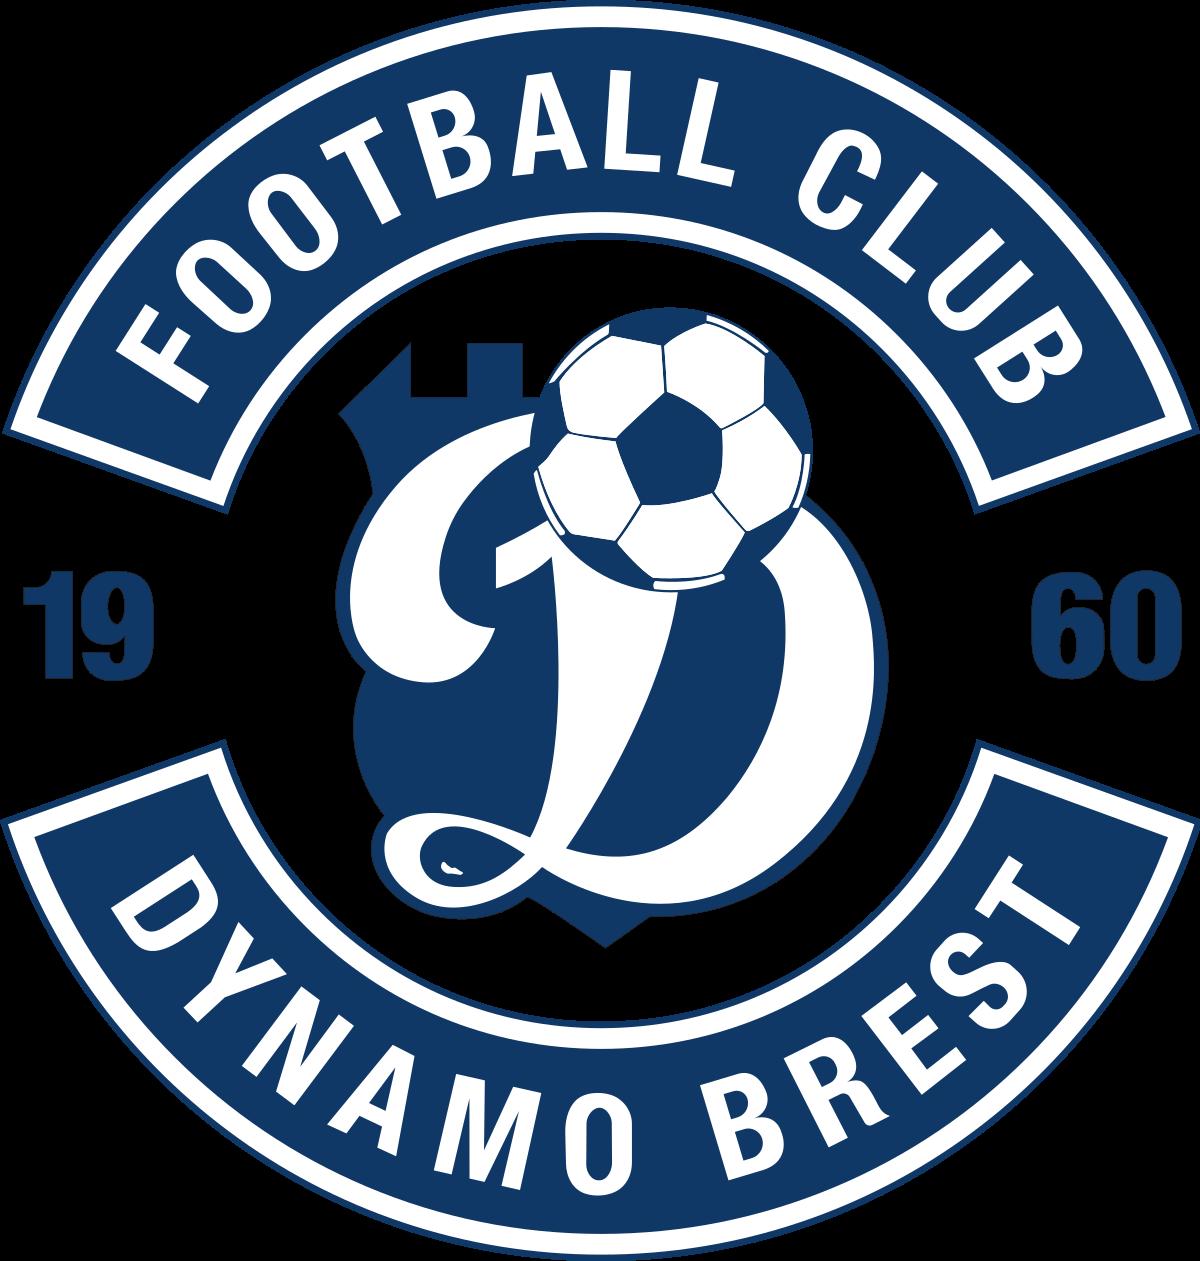 Dynamo-Brest-1960 logo